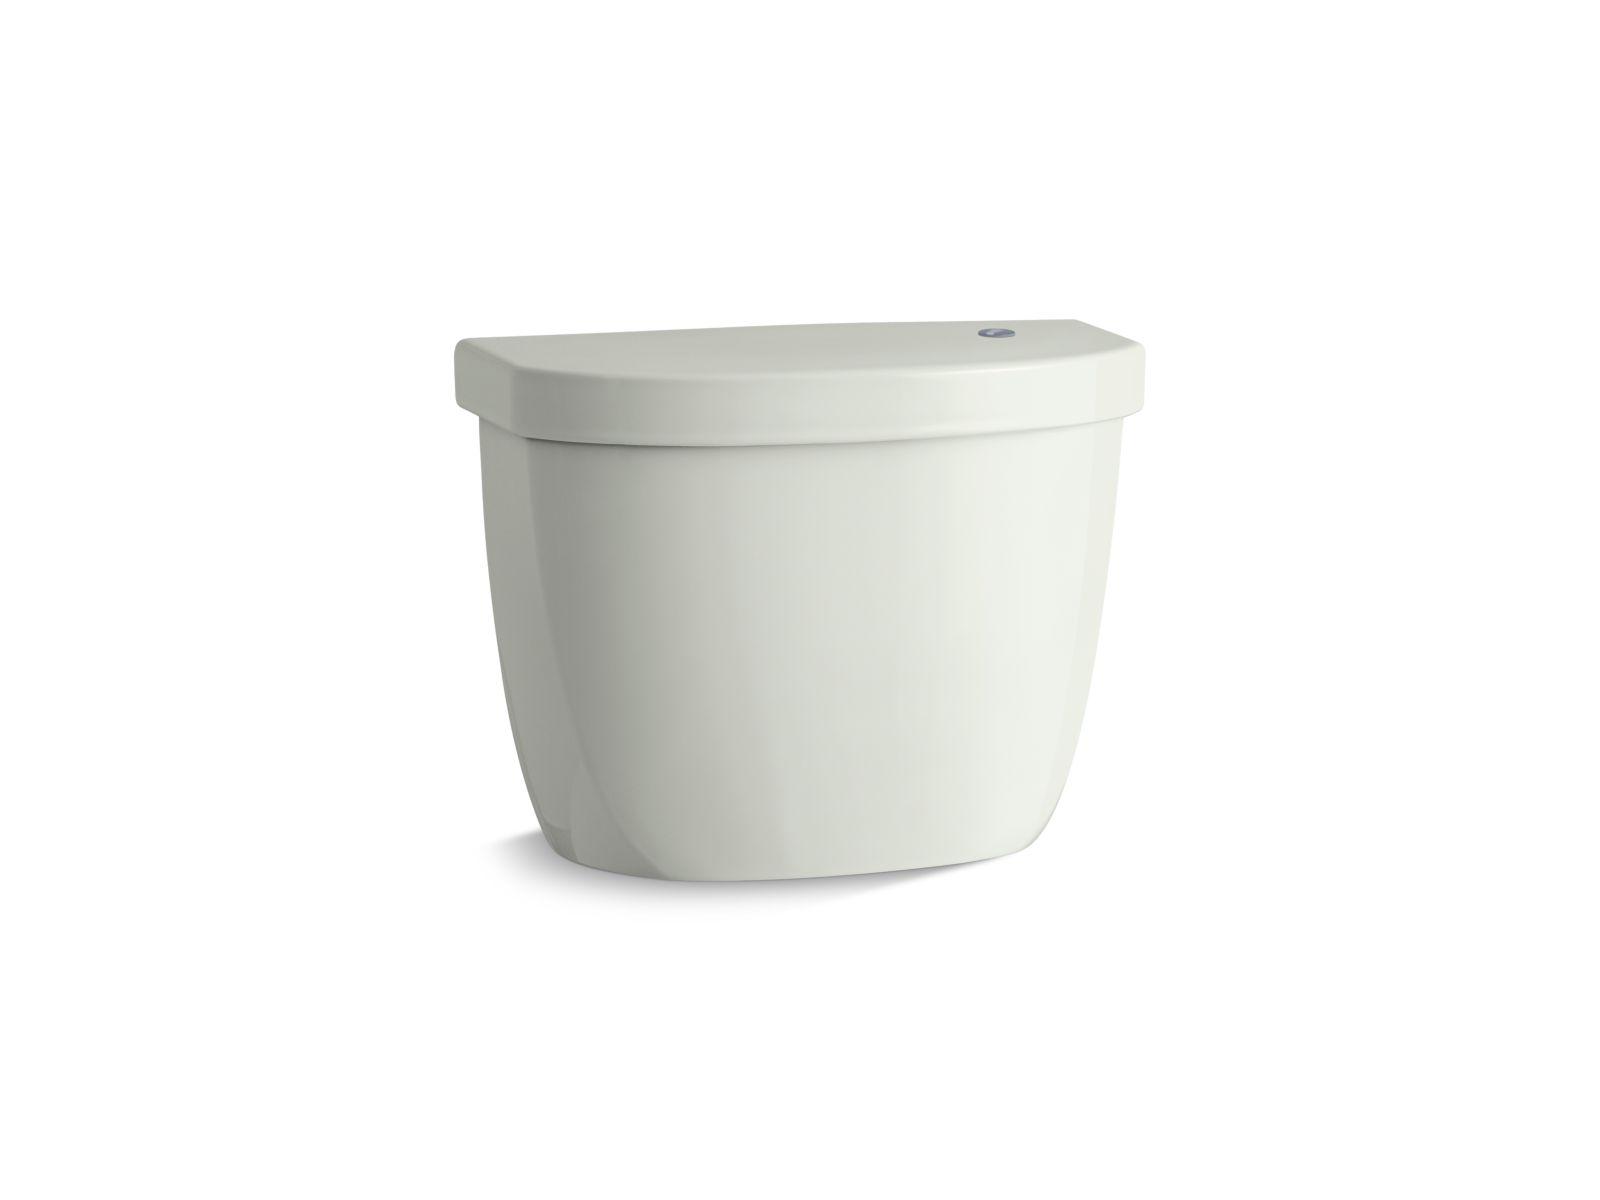 Kohler Cimarron® K-5693-NY tank for K-6419 round-front touchless toilet Dune